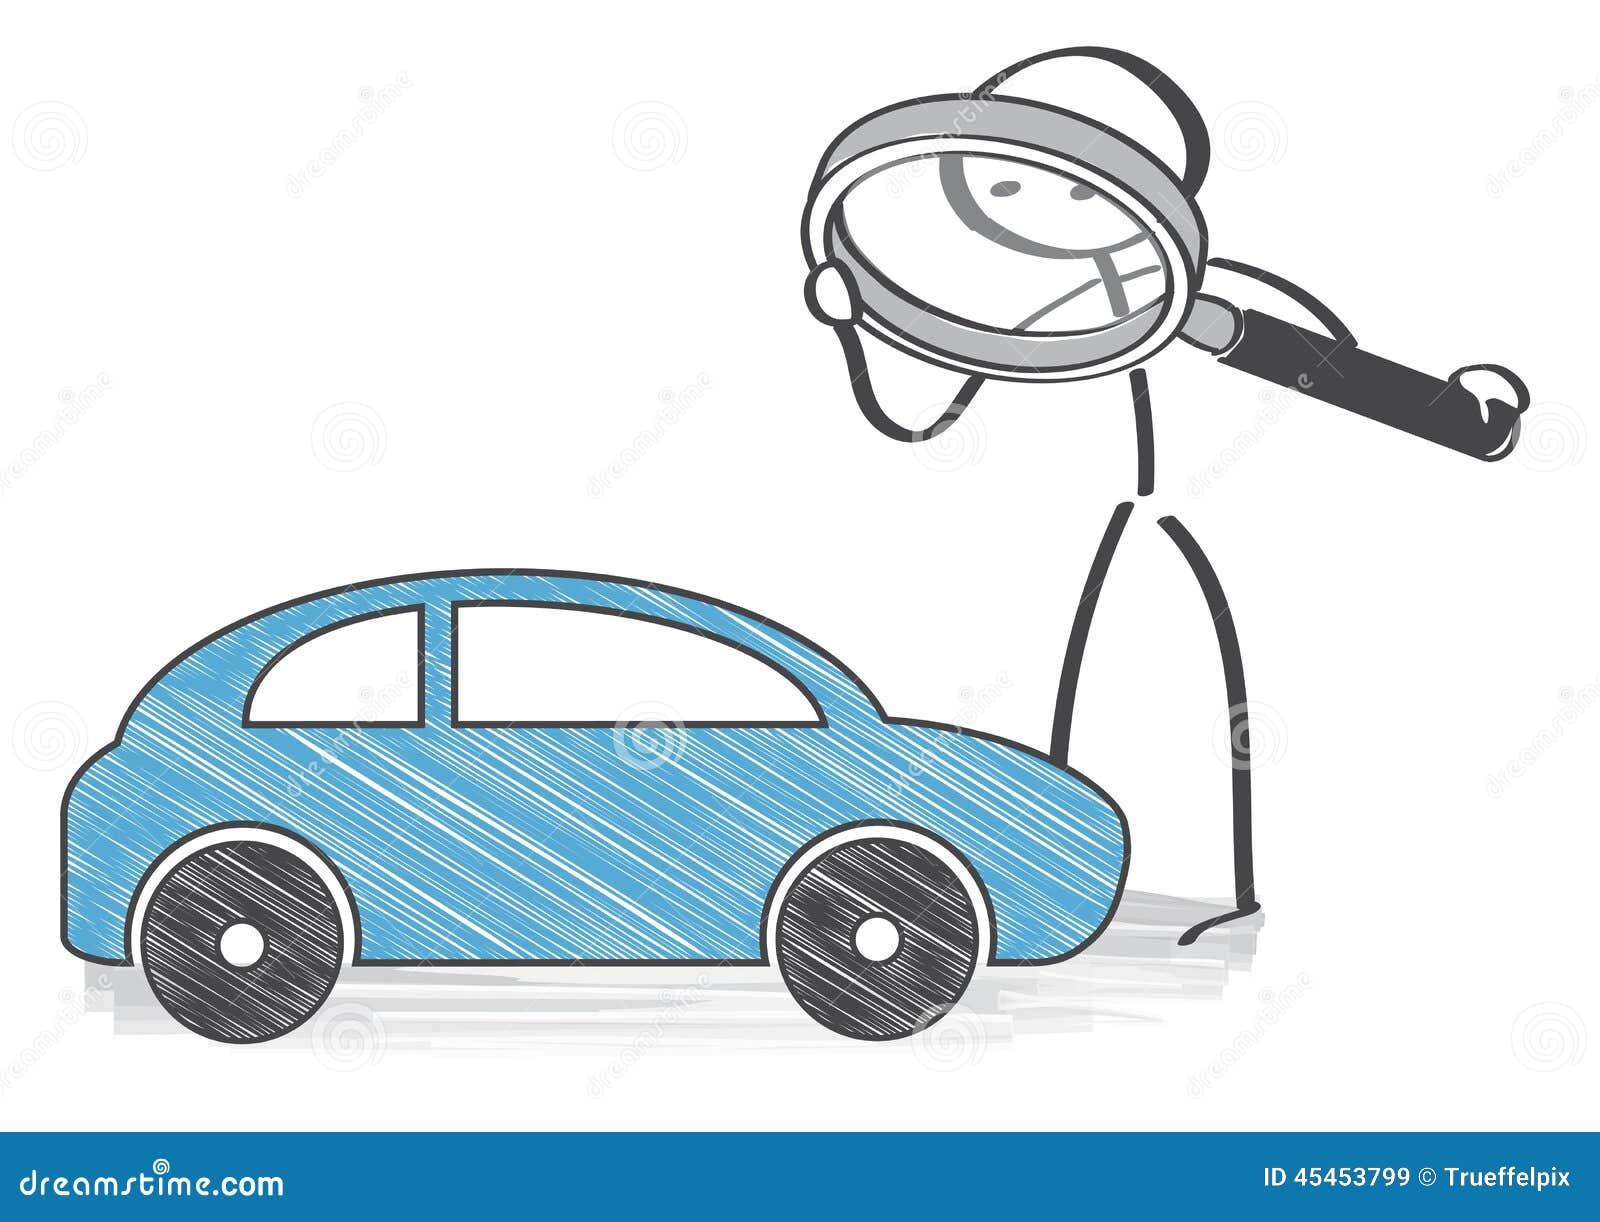 Inspección auto stock de ilustración. Ilustración de negocios ...